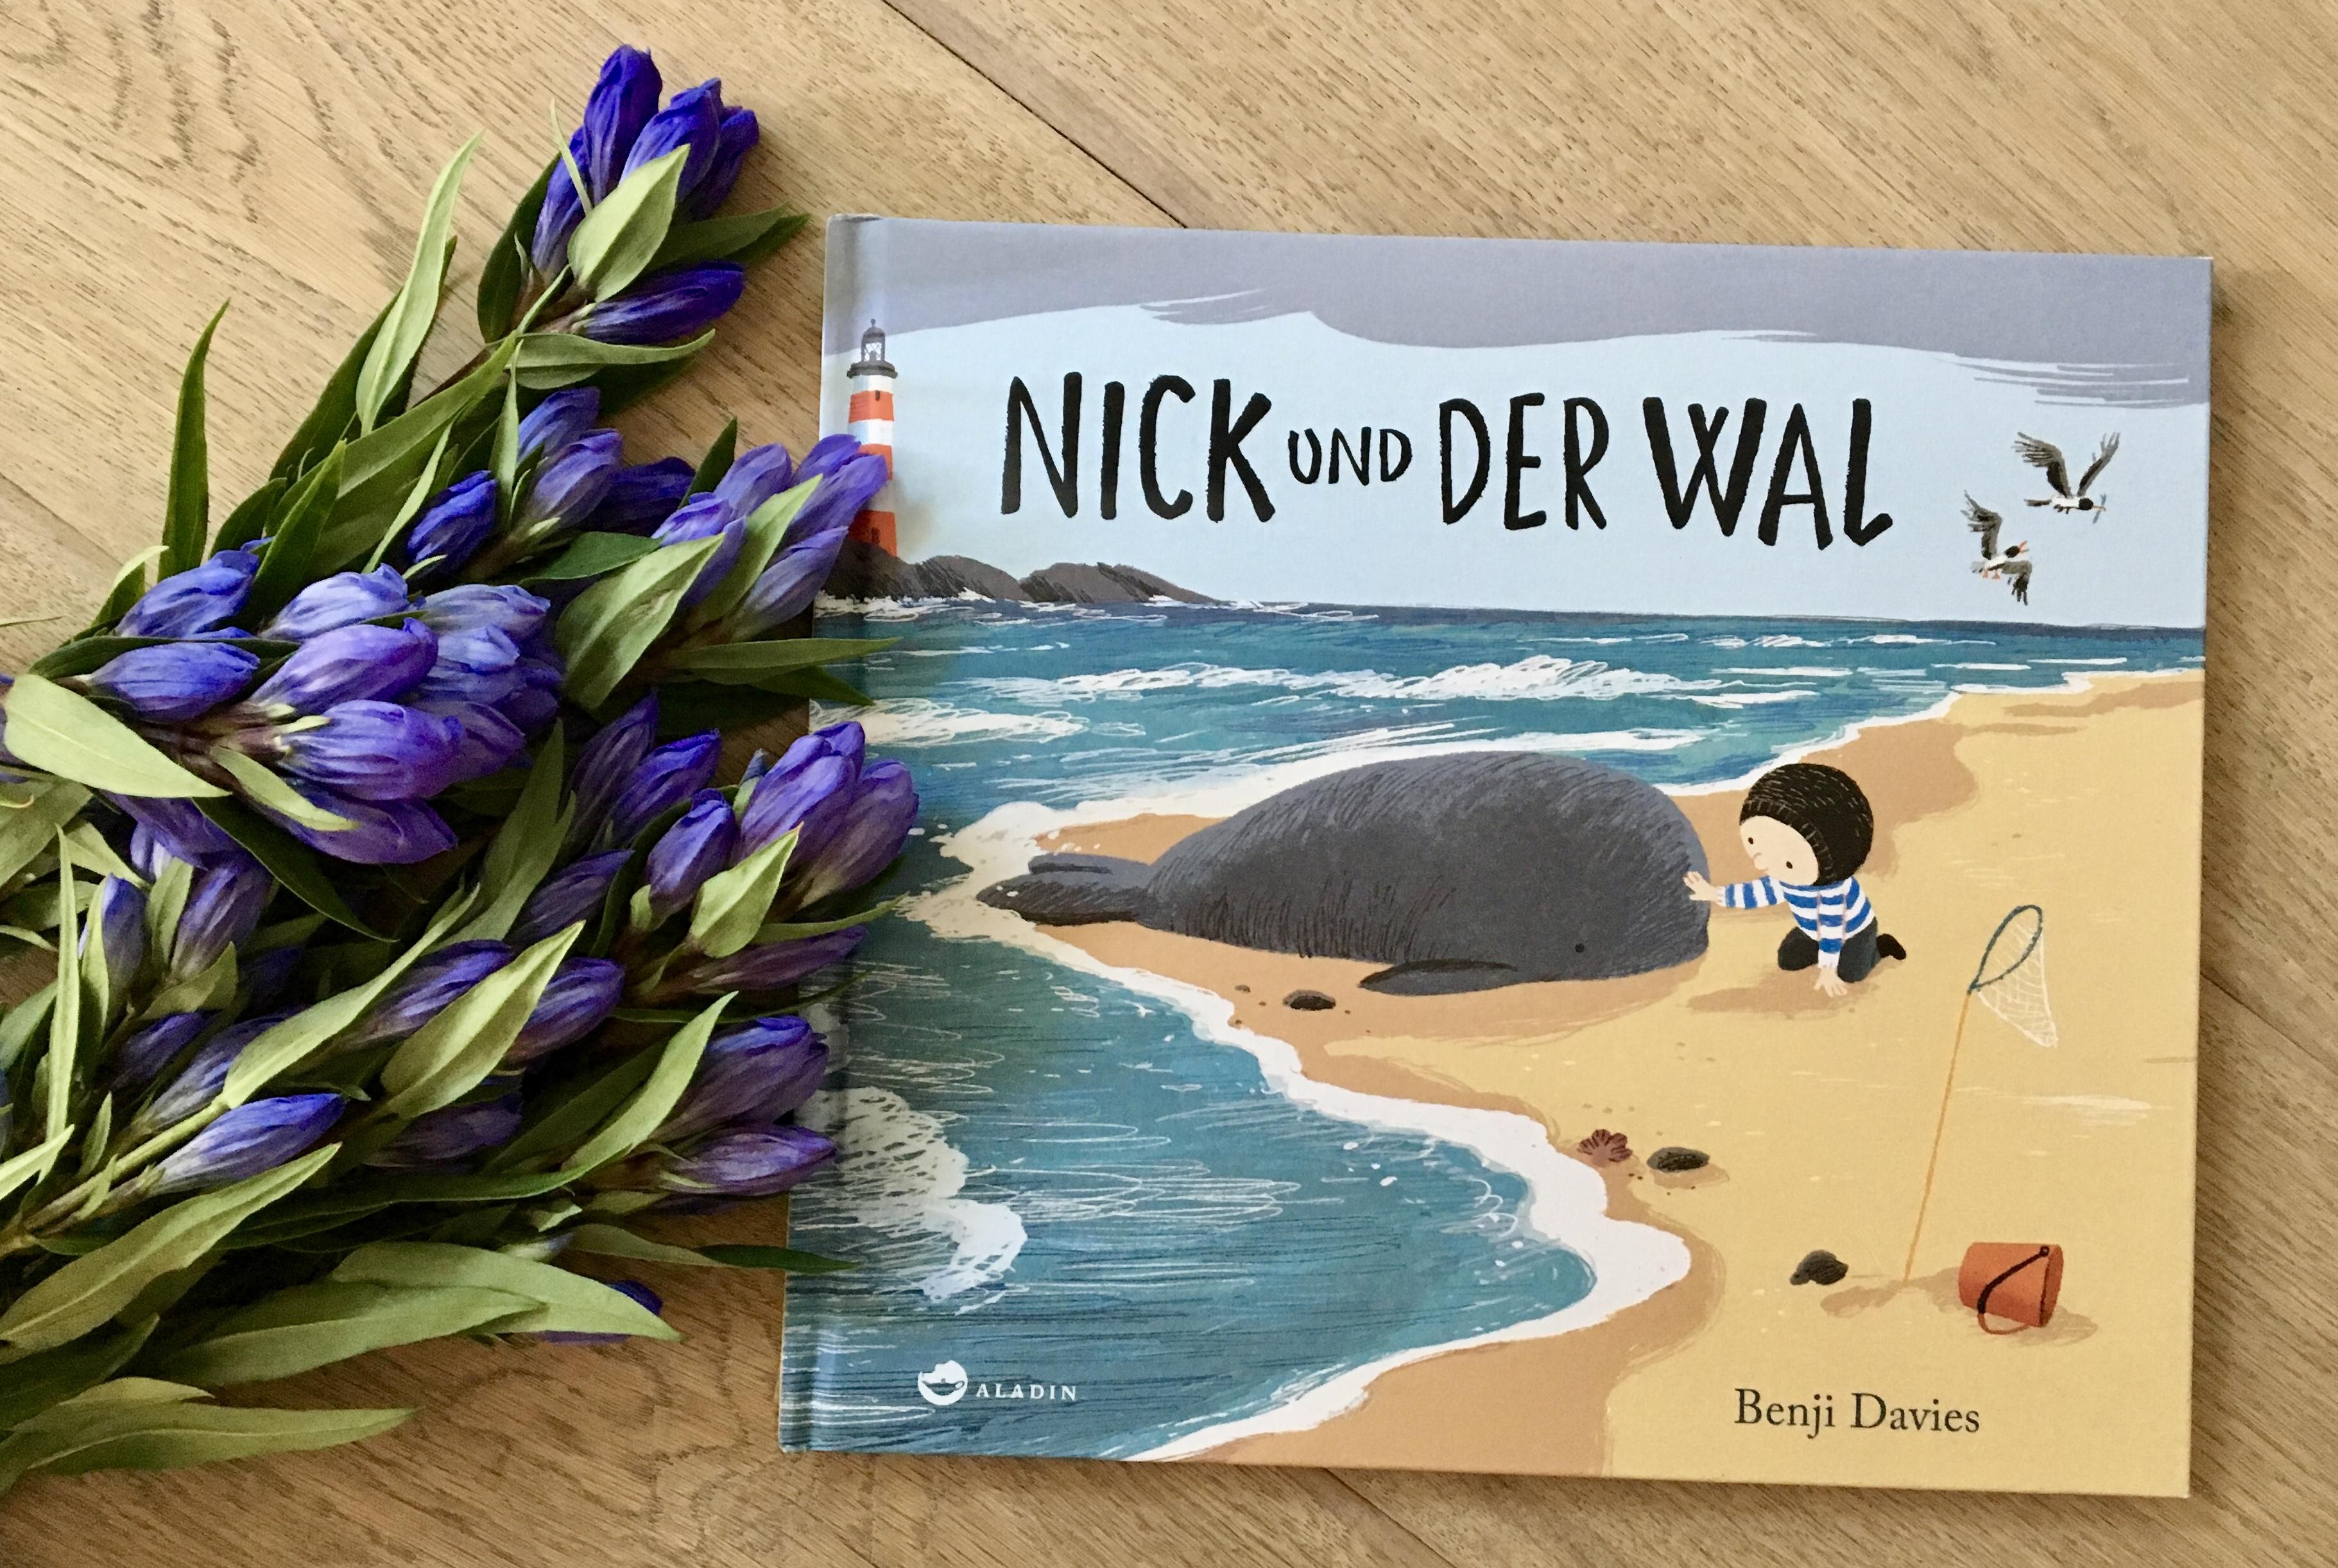 Nick und der Wal von Benji Davies (Text und Illustration)